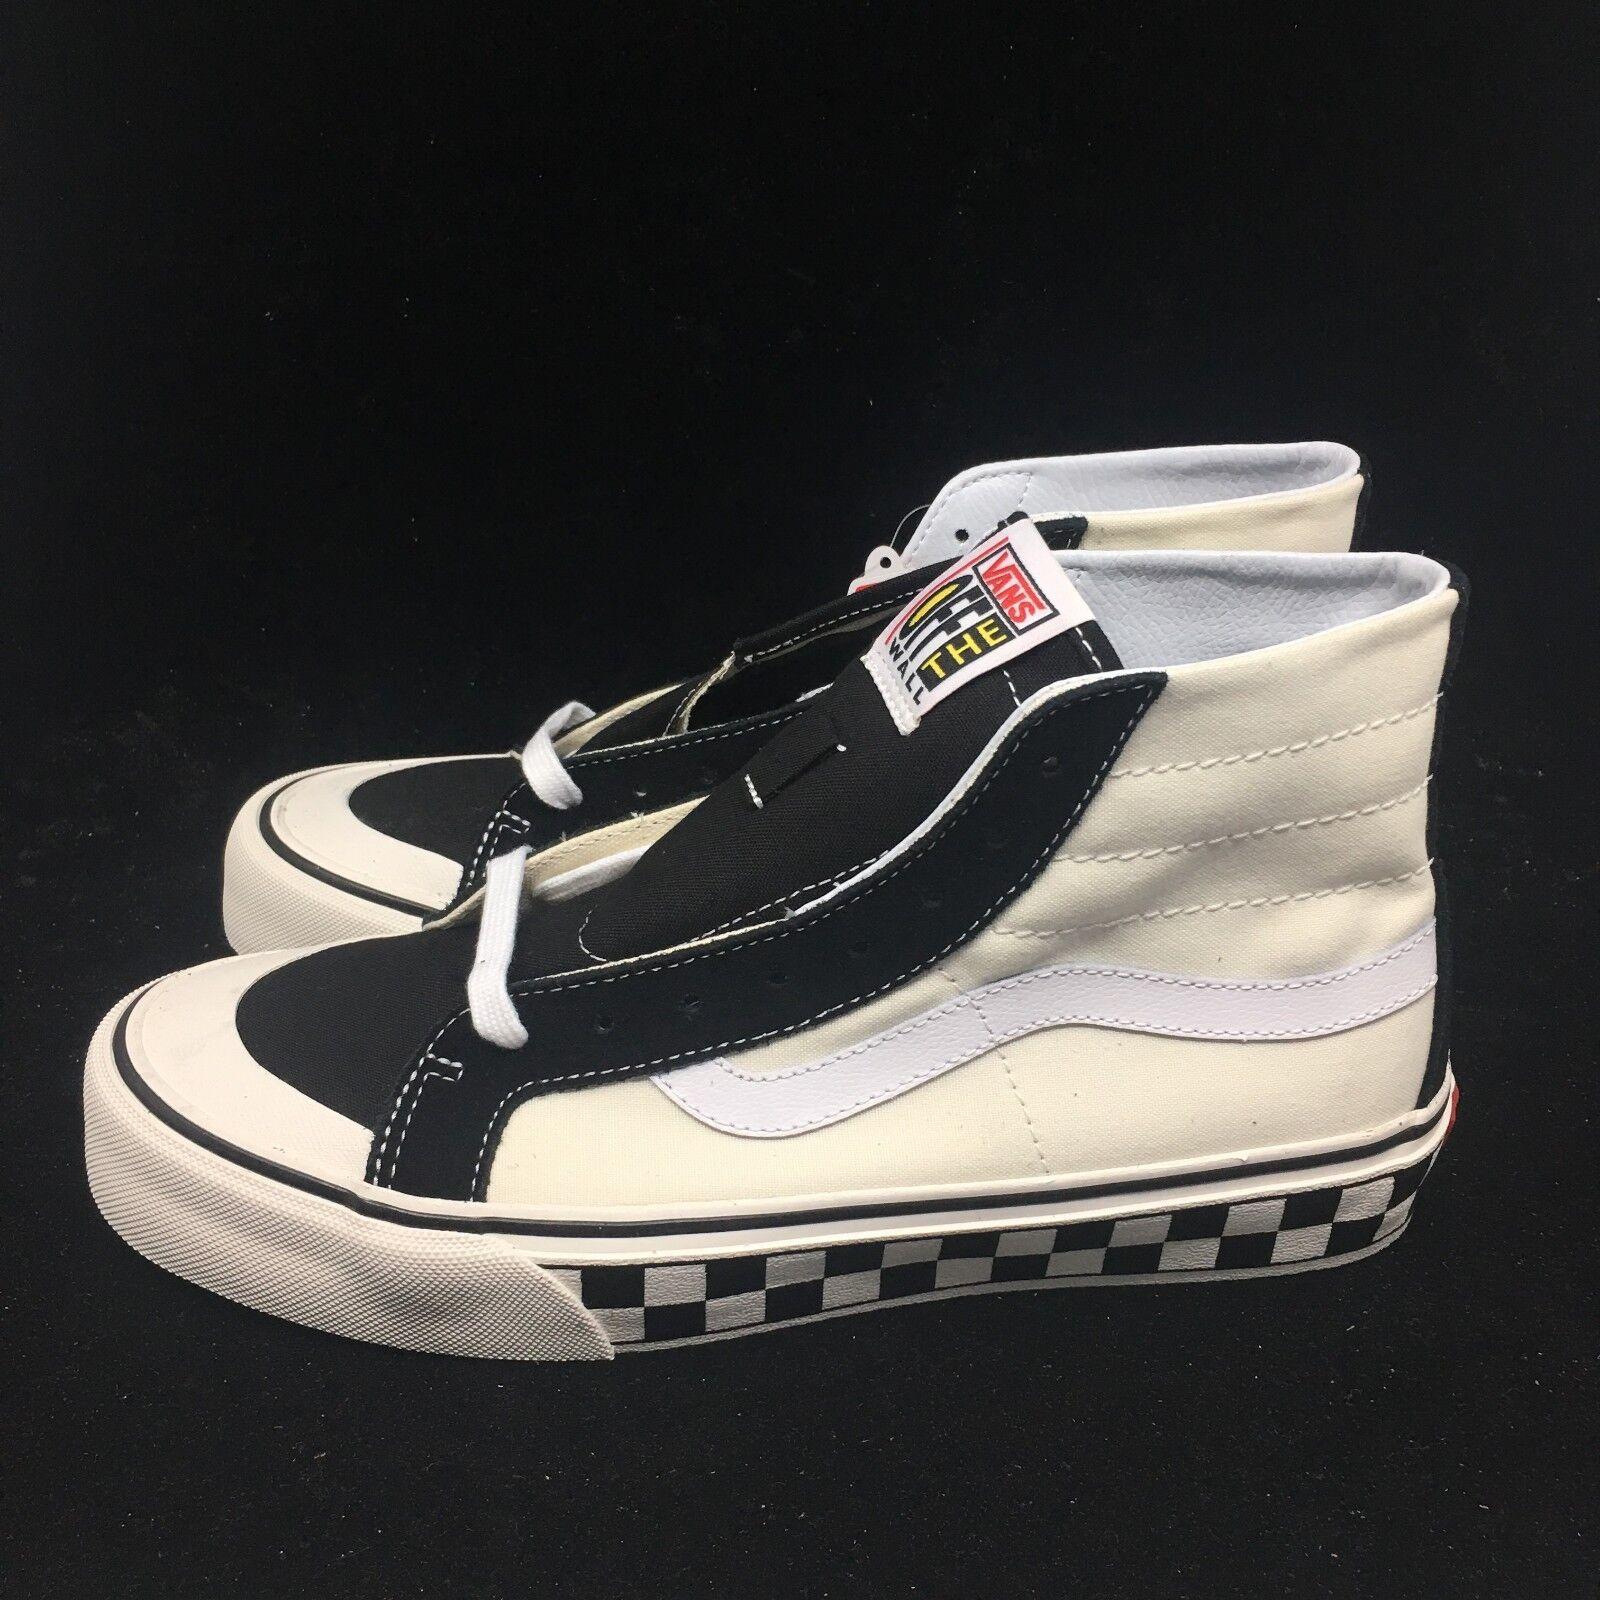 Vans SK8-HI 138SF Checker Black White Unisex Men's Women's shoes VN0A3MV1R34